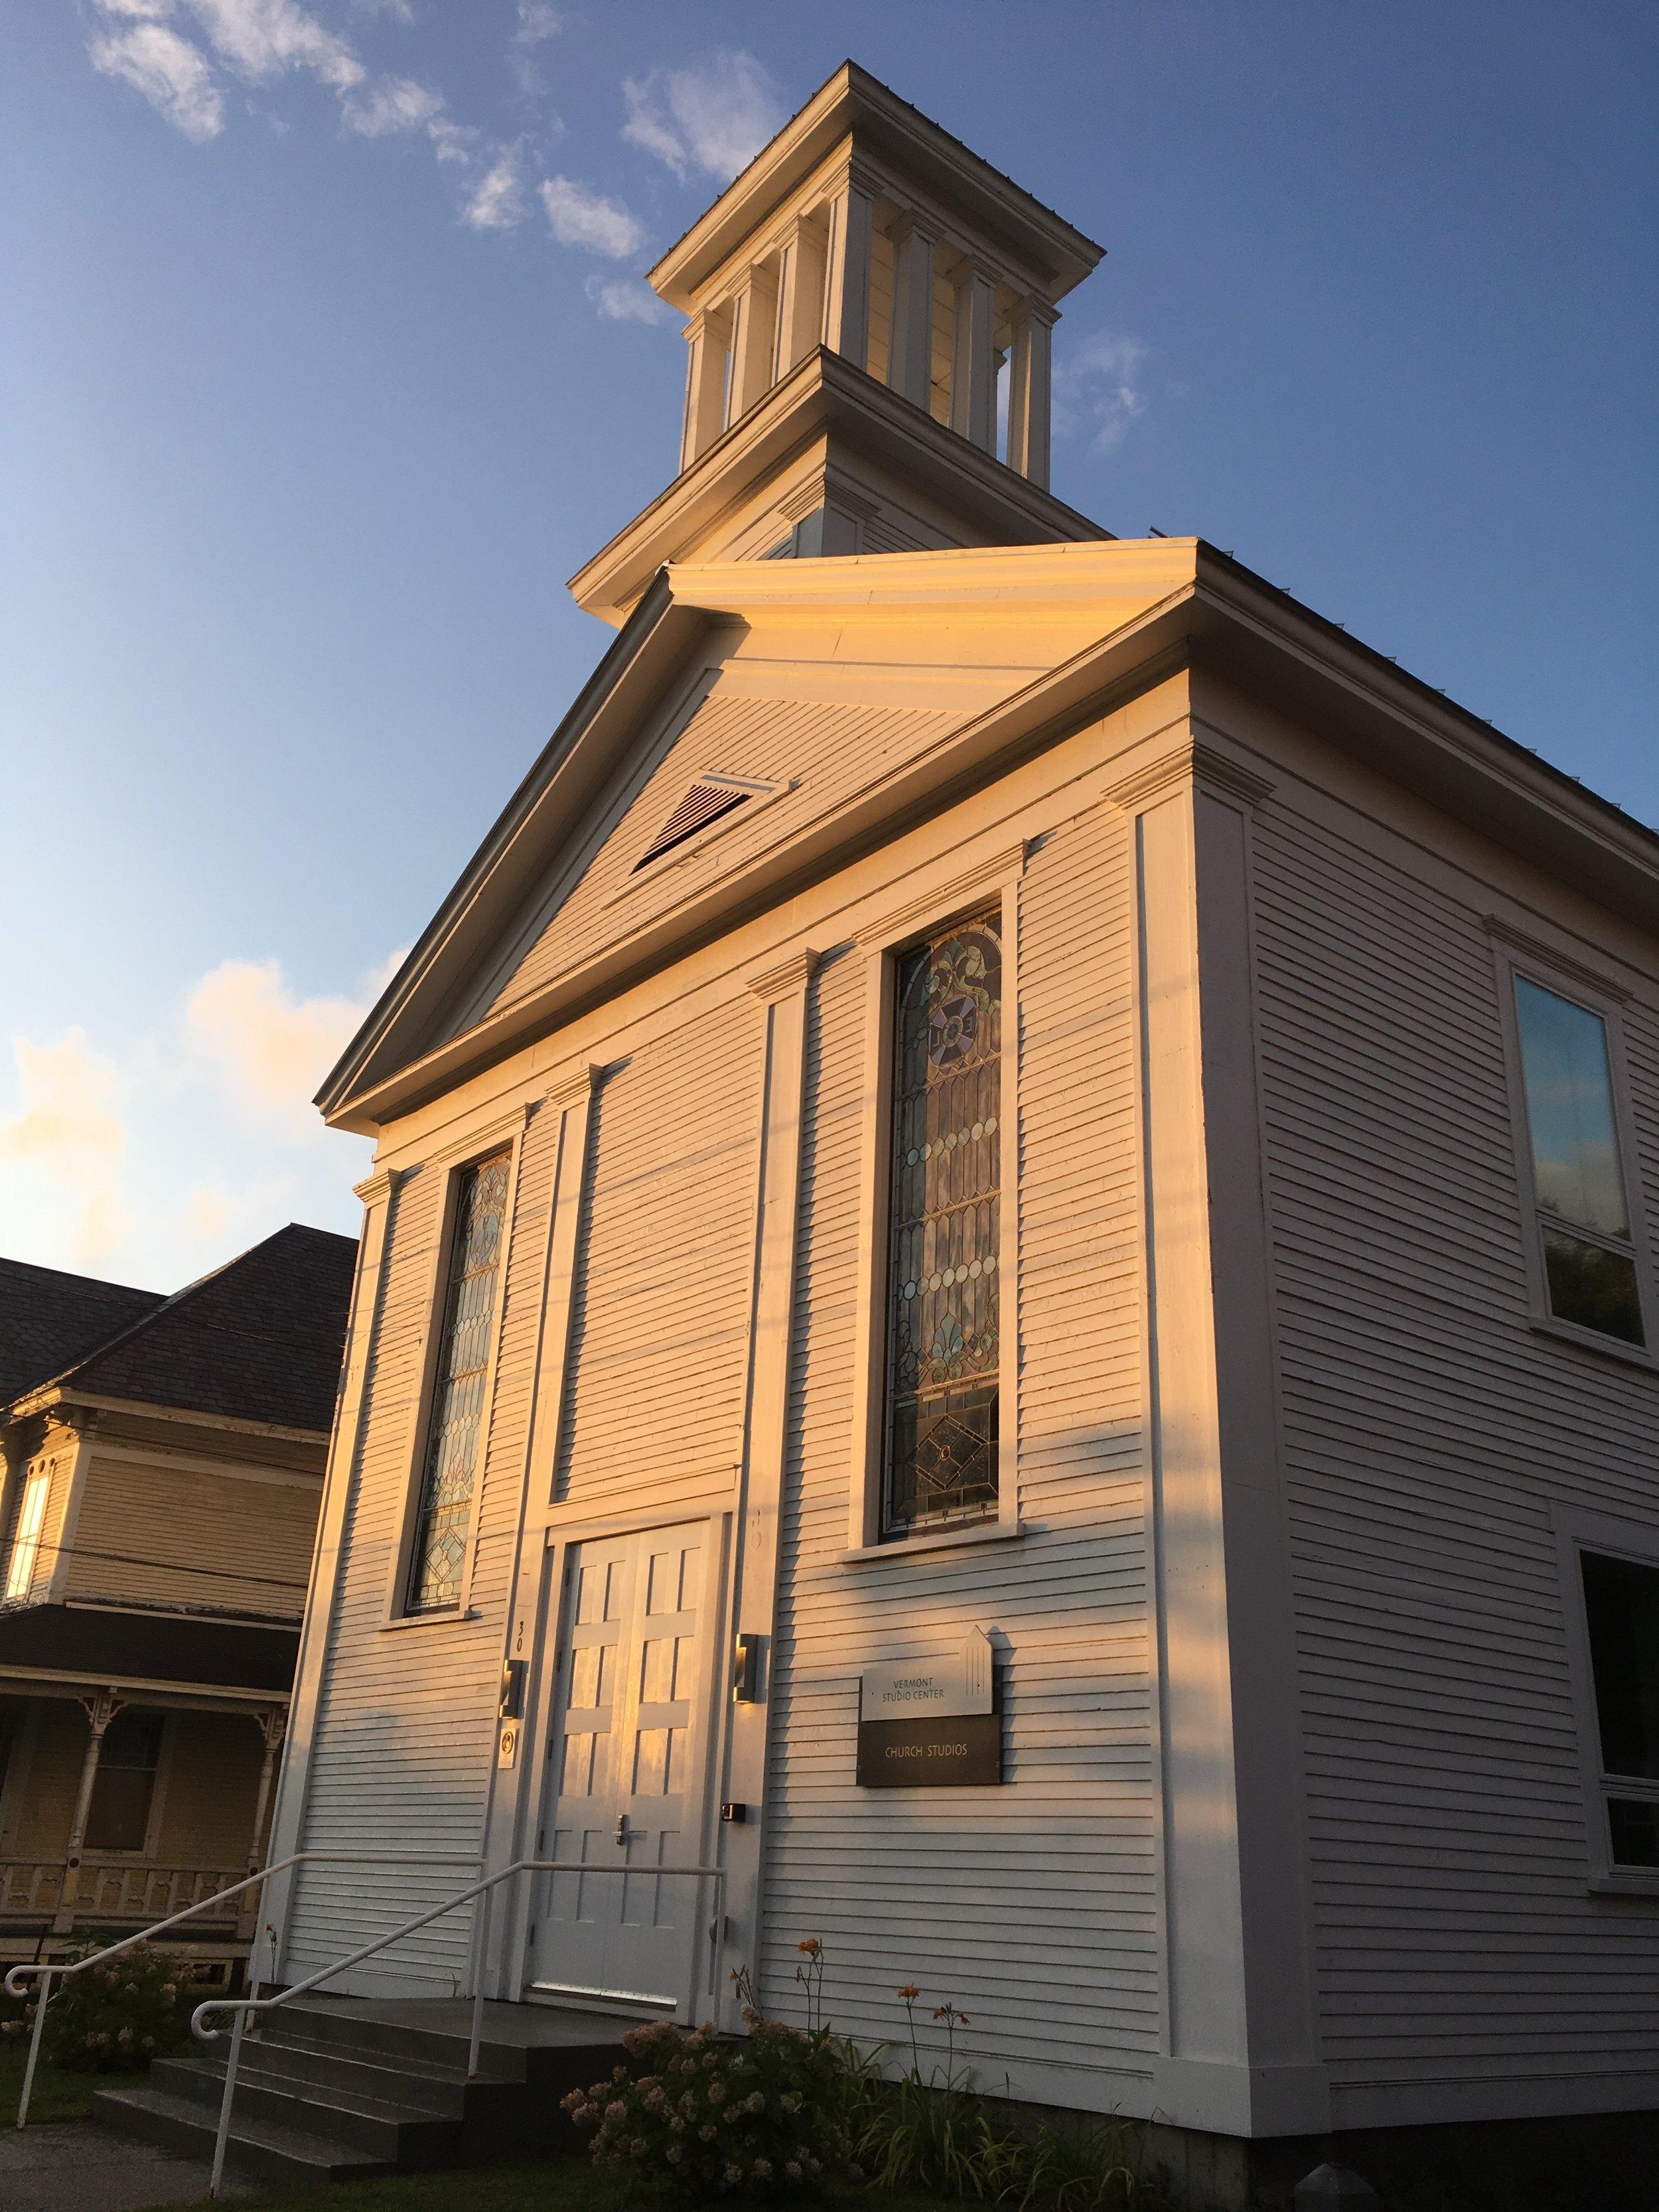 Church Studios , Vermont Studio Center, Johnson, VT, September 2019